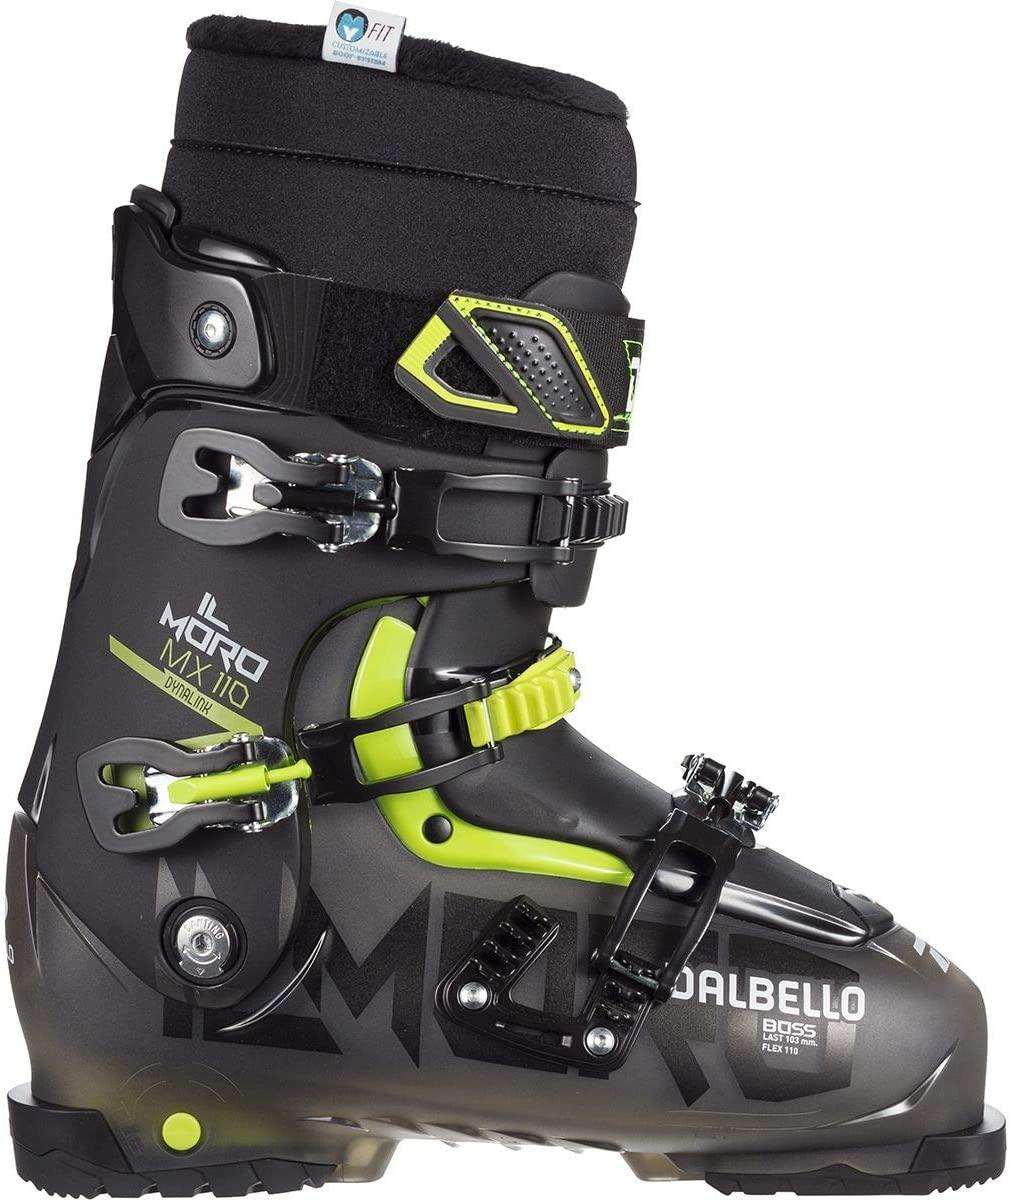 Dalbello Sports Il Moro MX 110 ID Ski Boot - Mens